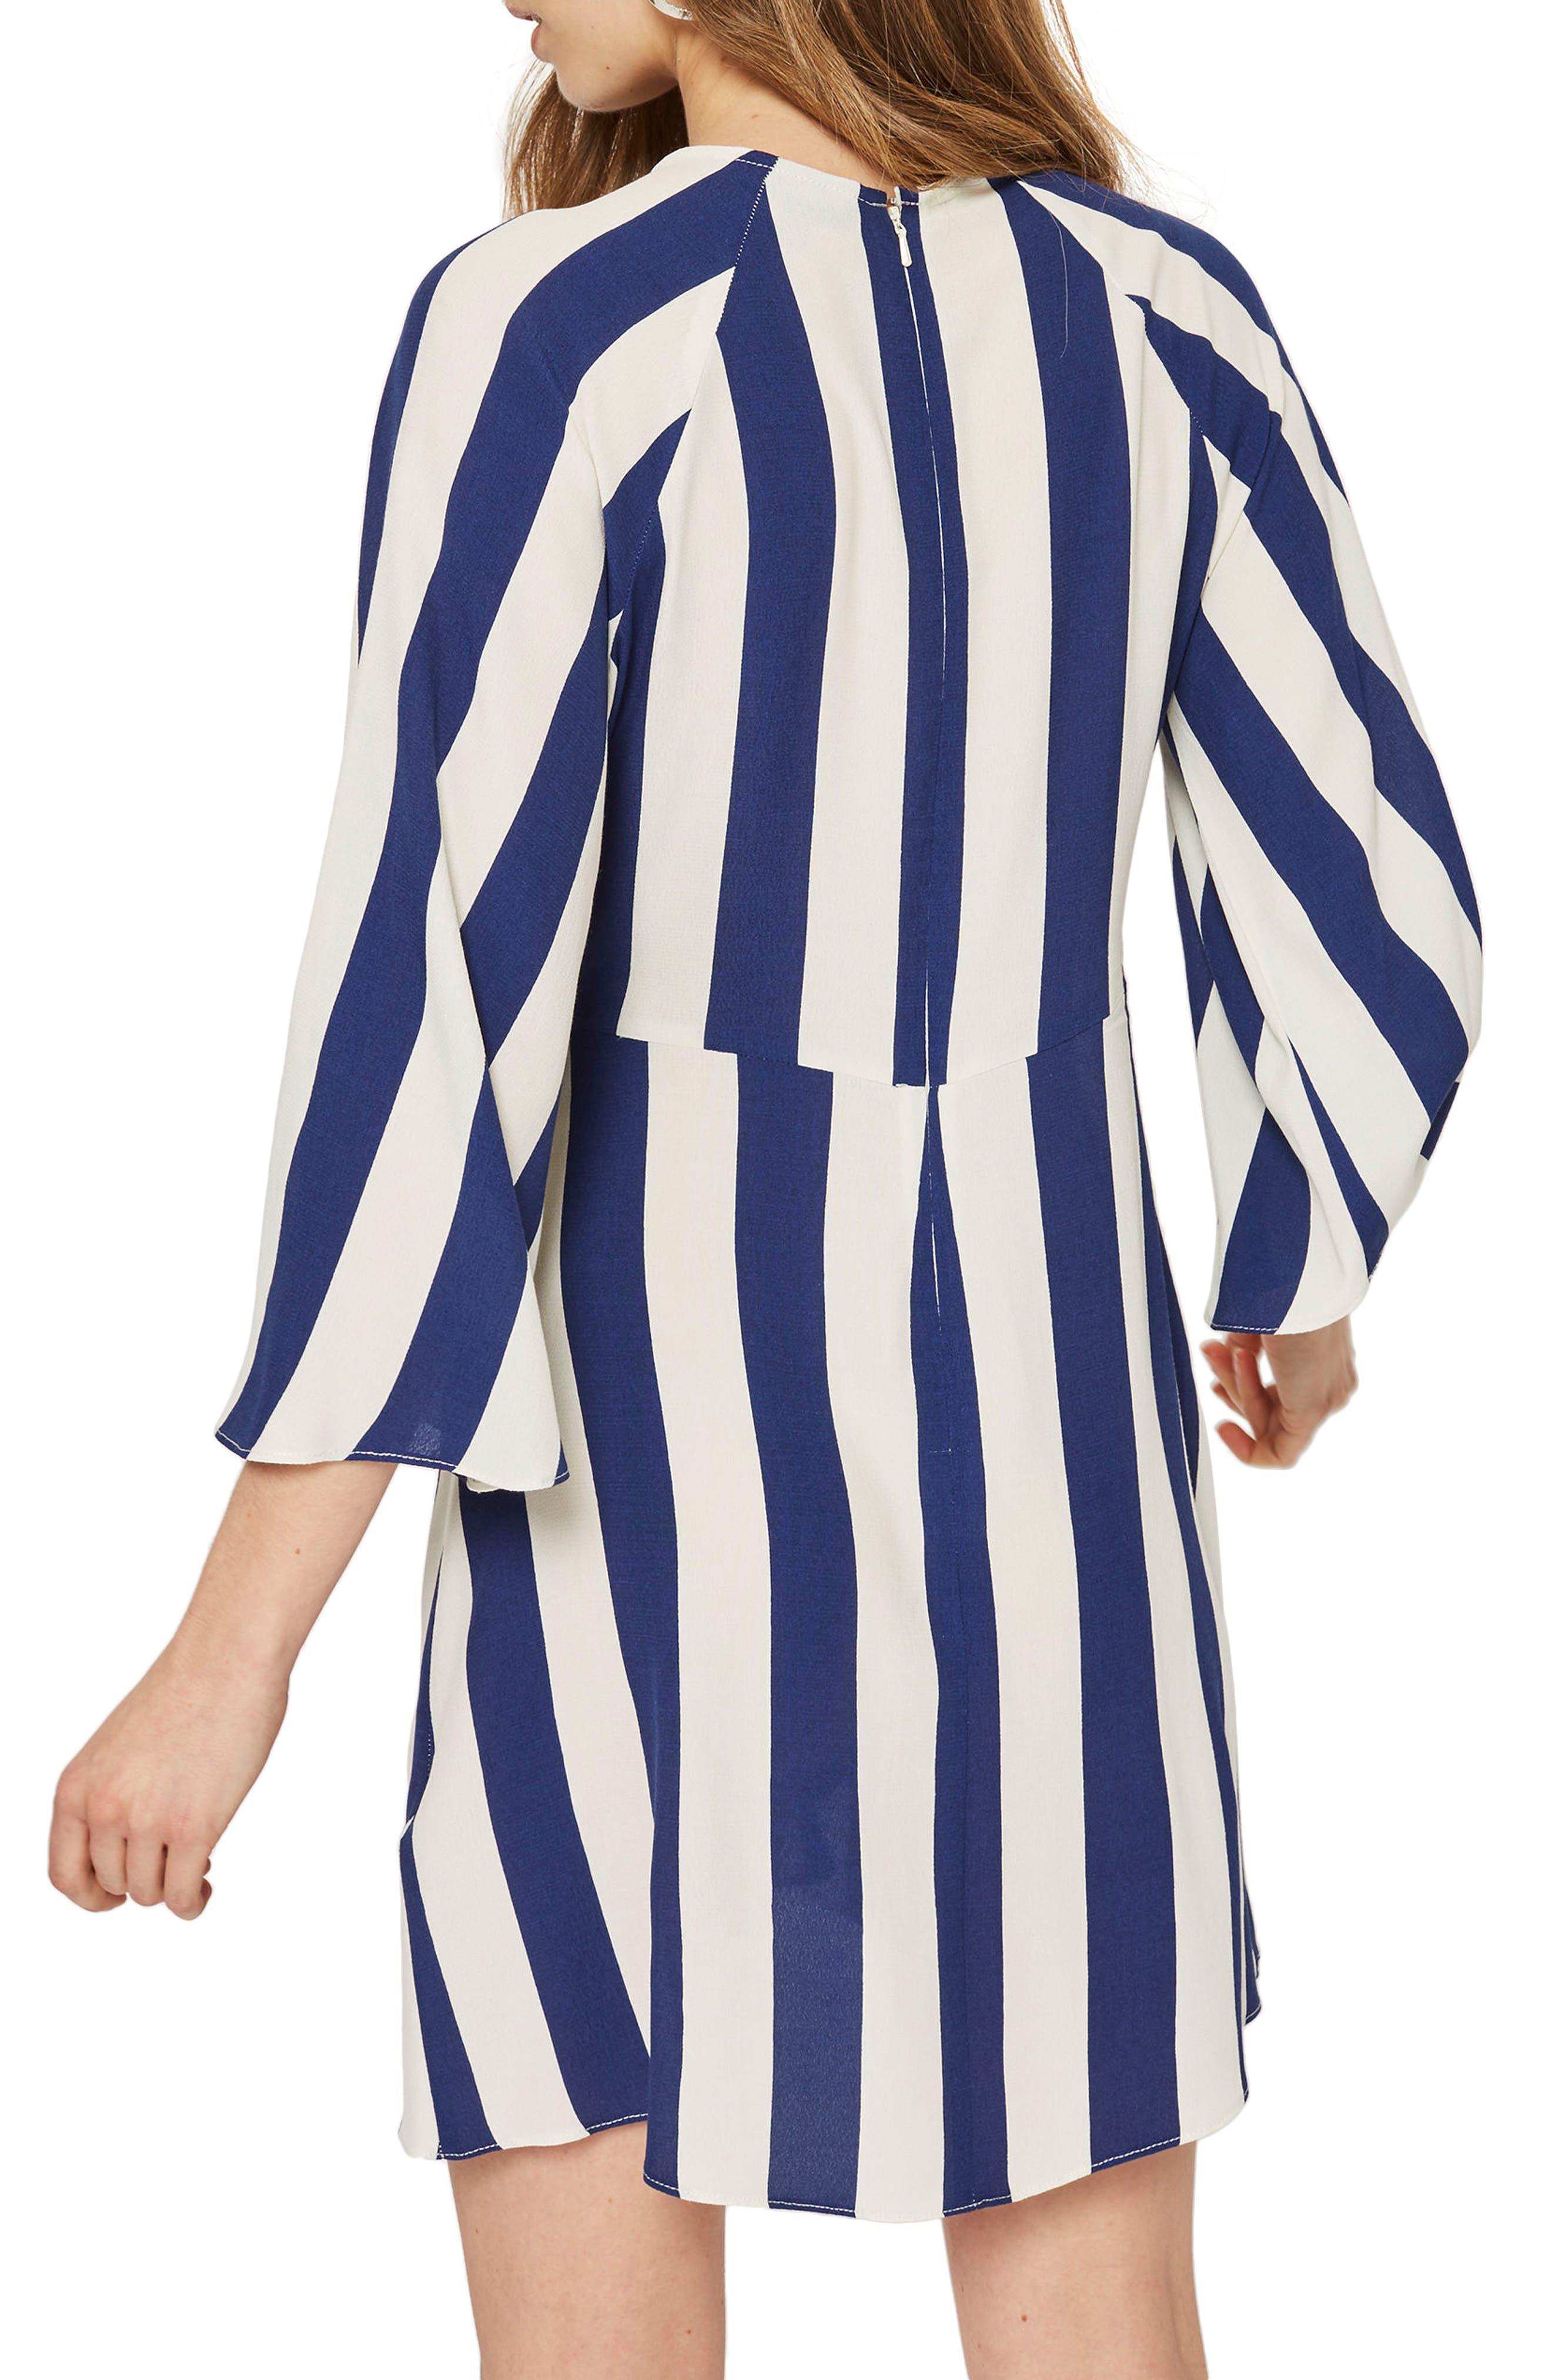 Humbug Stripe Knot Dress,                             Alternate thumbnail 2, color,                             Blue Multi